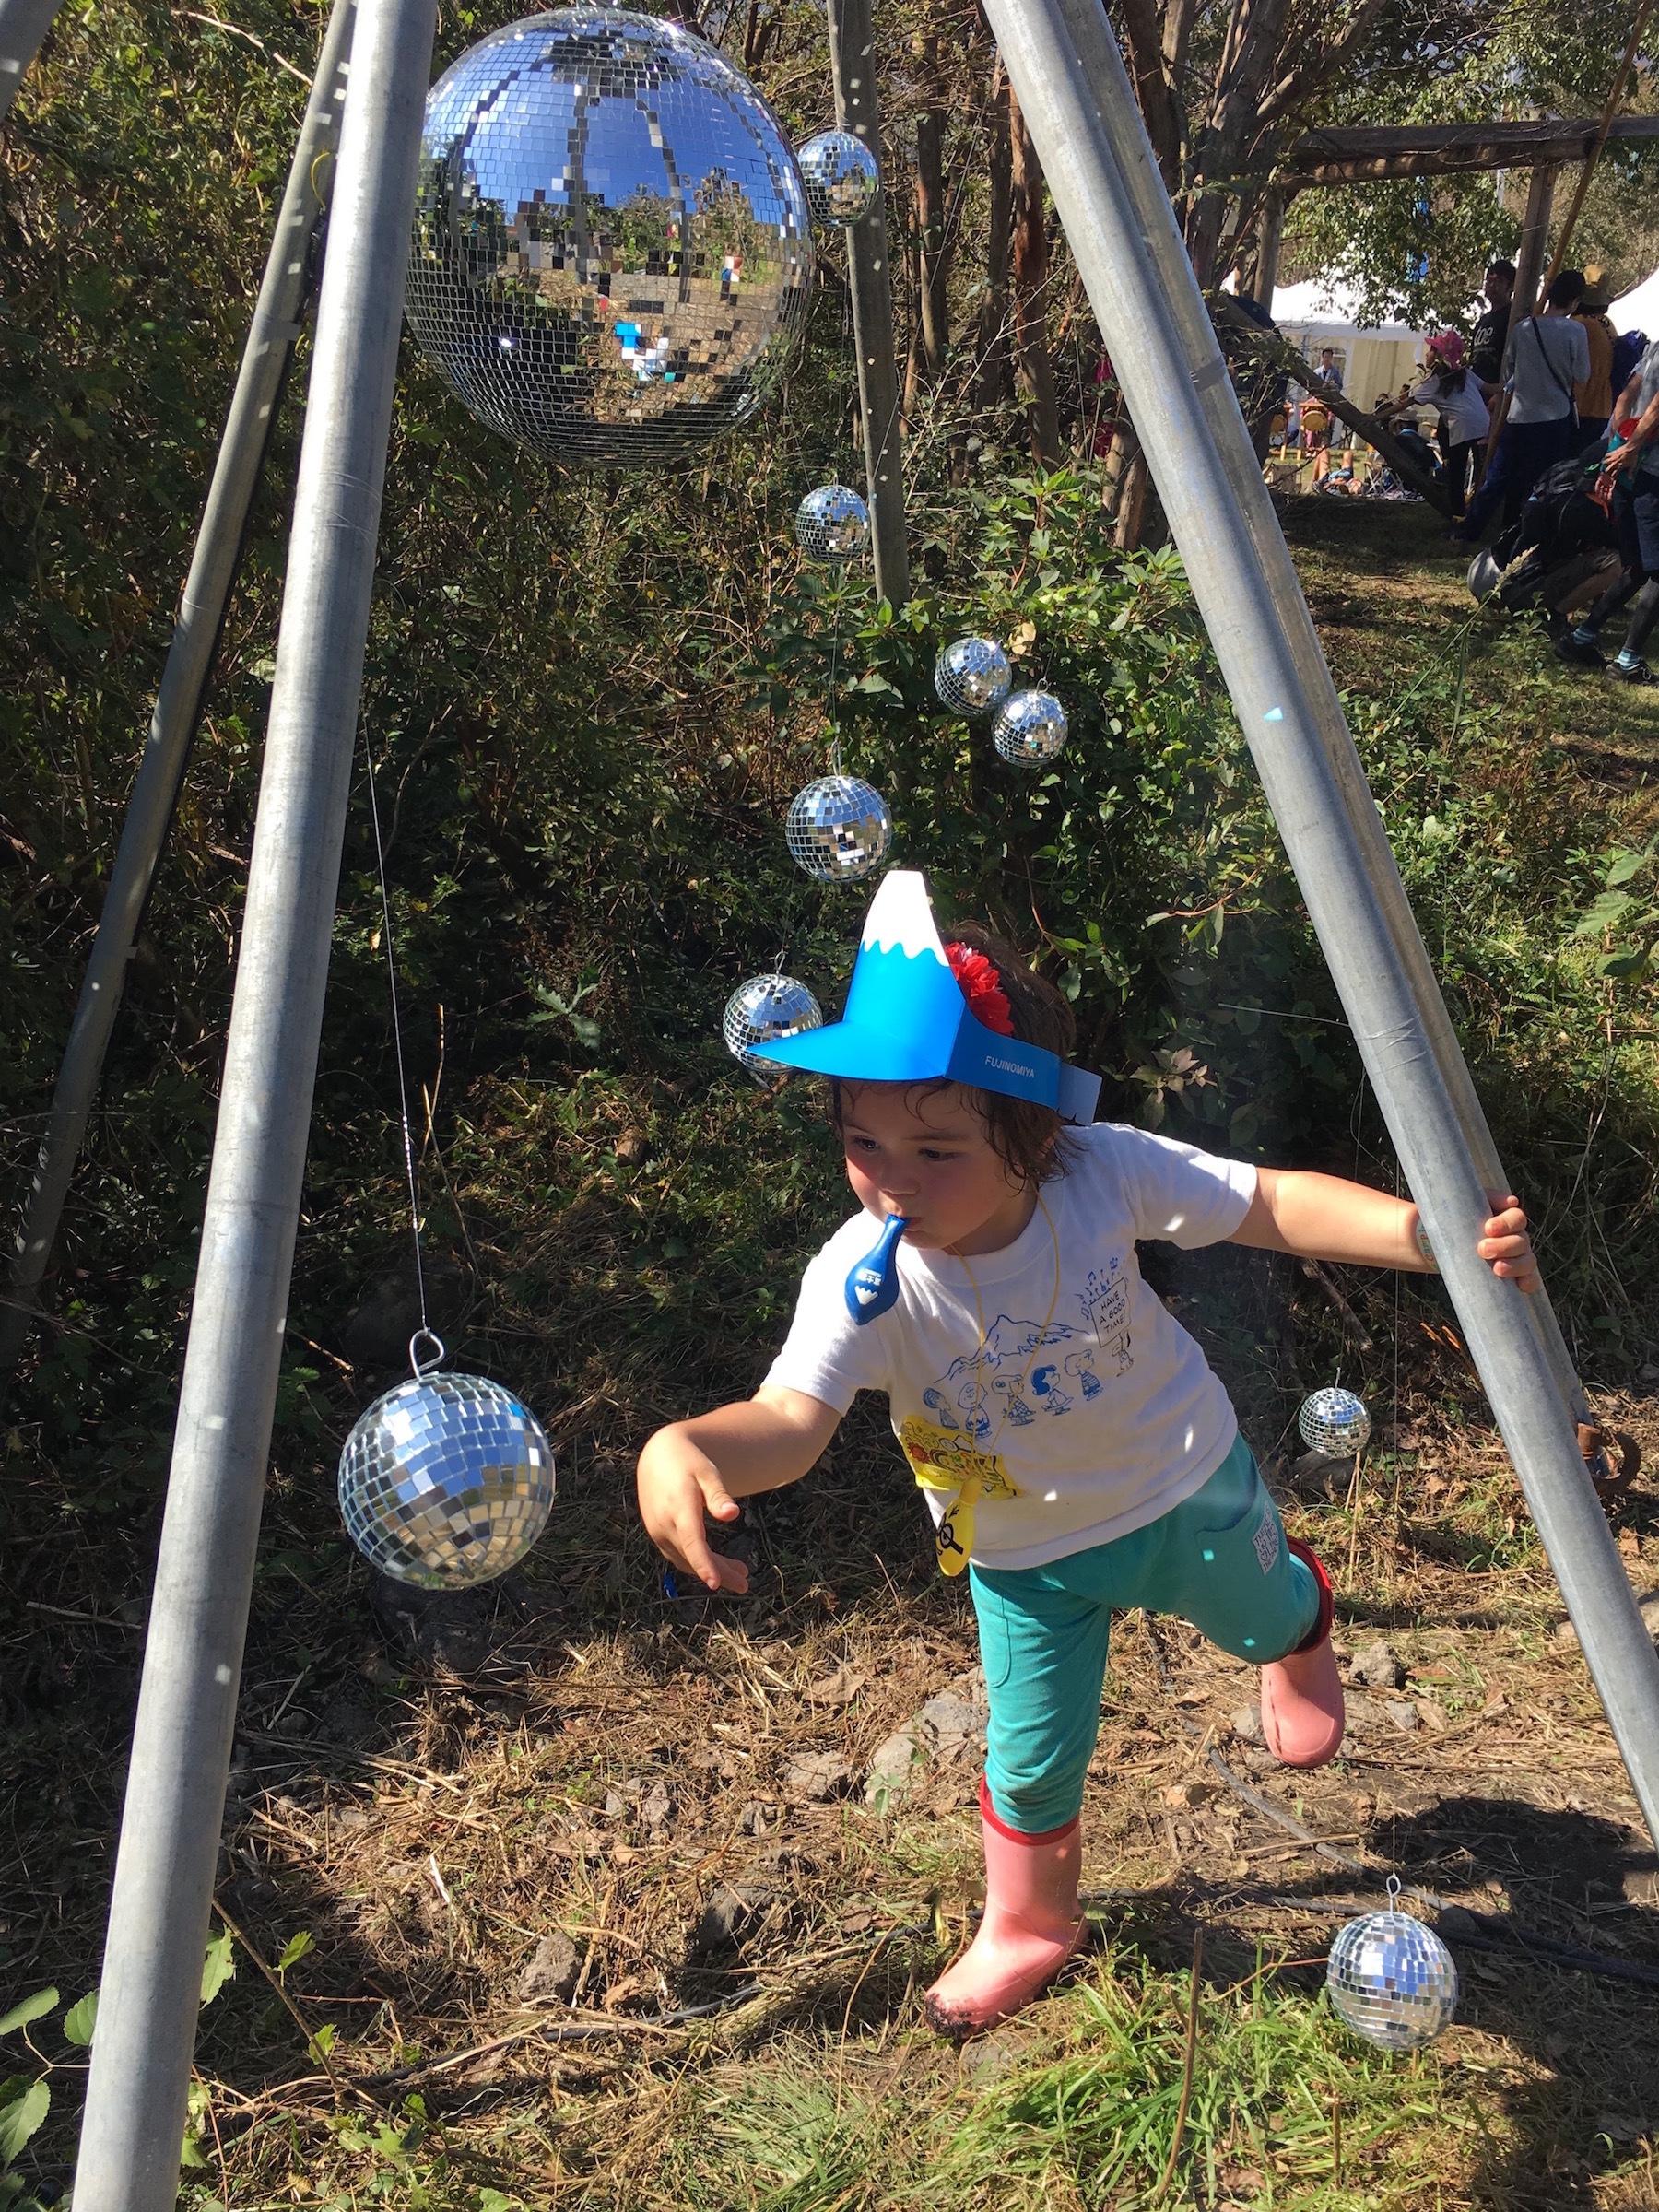 富士山帽と風船とミラーボール。 撮影=早乙女ゆうこ